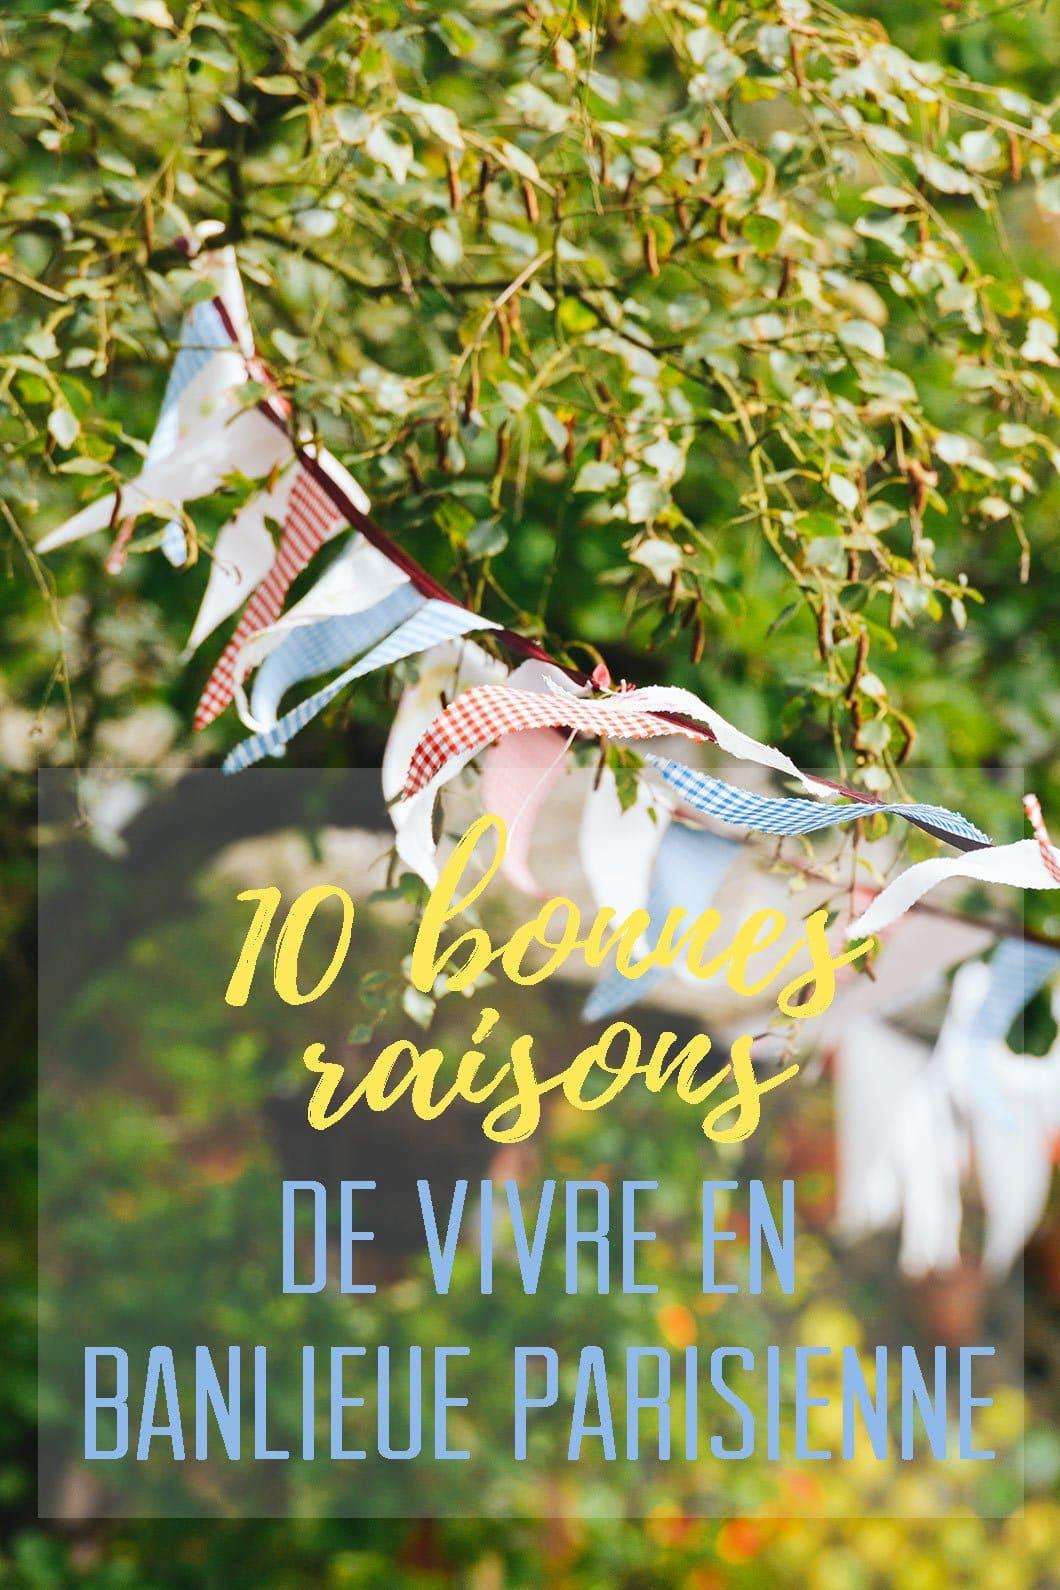 10 bonnes raisons de vivre en banlieue parisienne - 22 v'la Scarlett